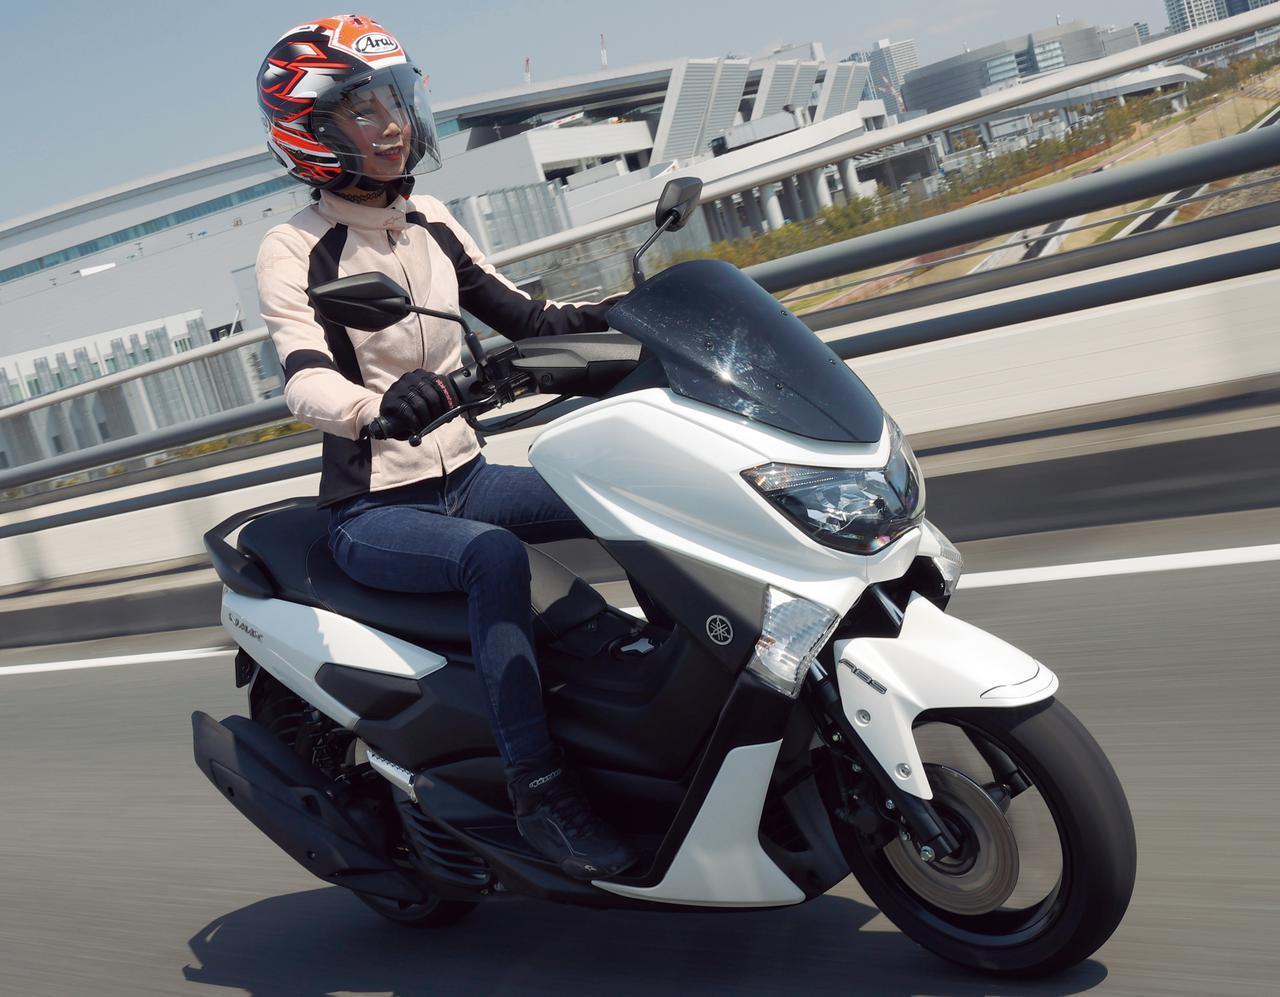 画像: ヤマハ「NMAX ABS」(2020年)解説&試乗インプレ YAMAHAで最も高価な125cc二輪スクーターの魅力とは? - webオートバイ